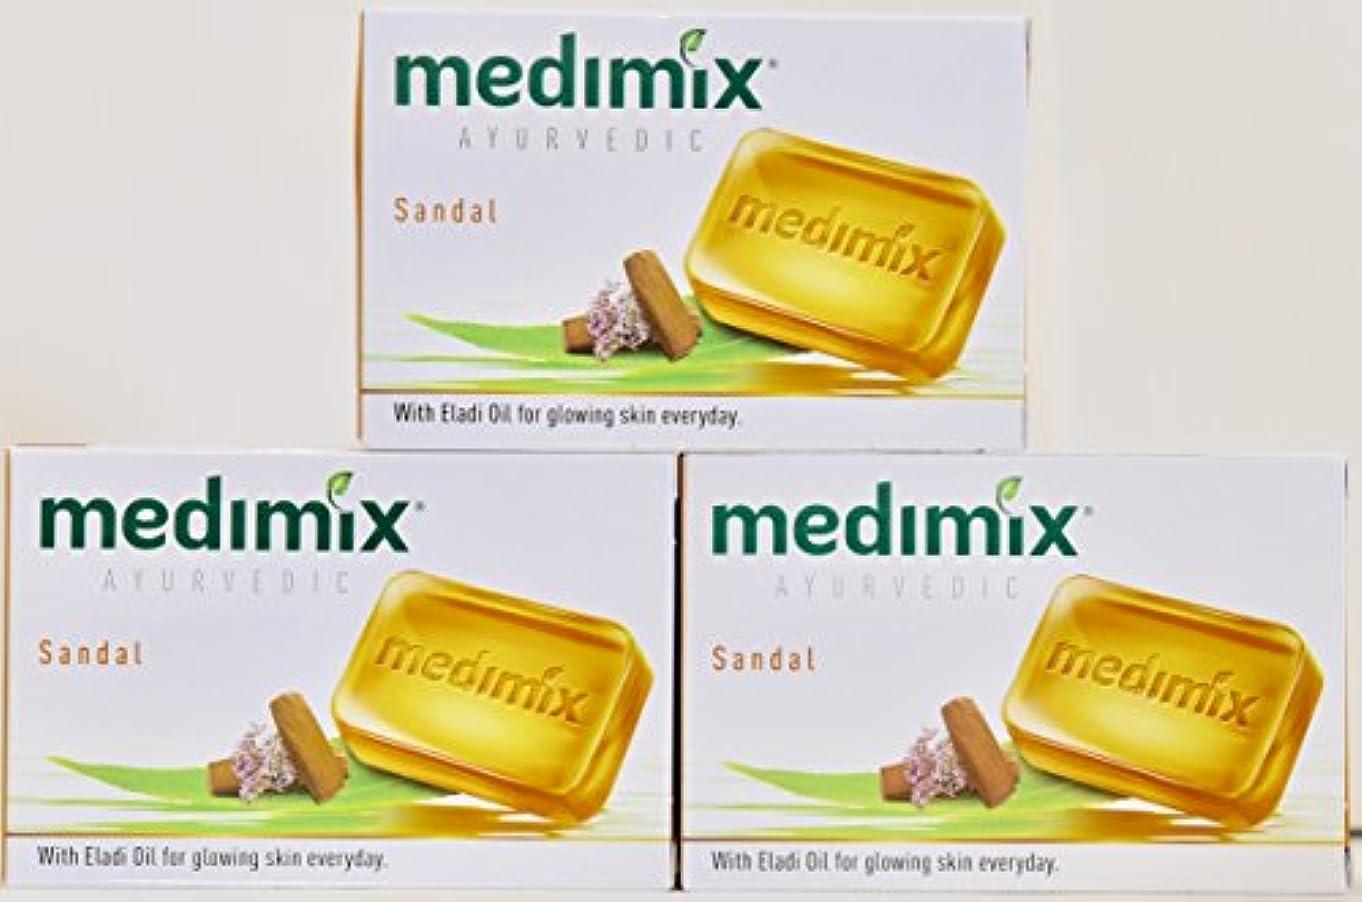 病なブラウス和medimix メディミックス サンダル 3個入り 125g(旧クラシックオレンジ)